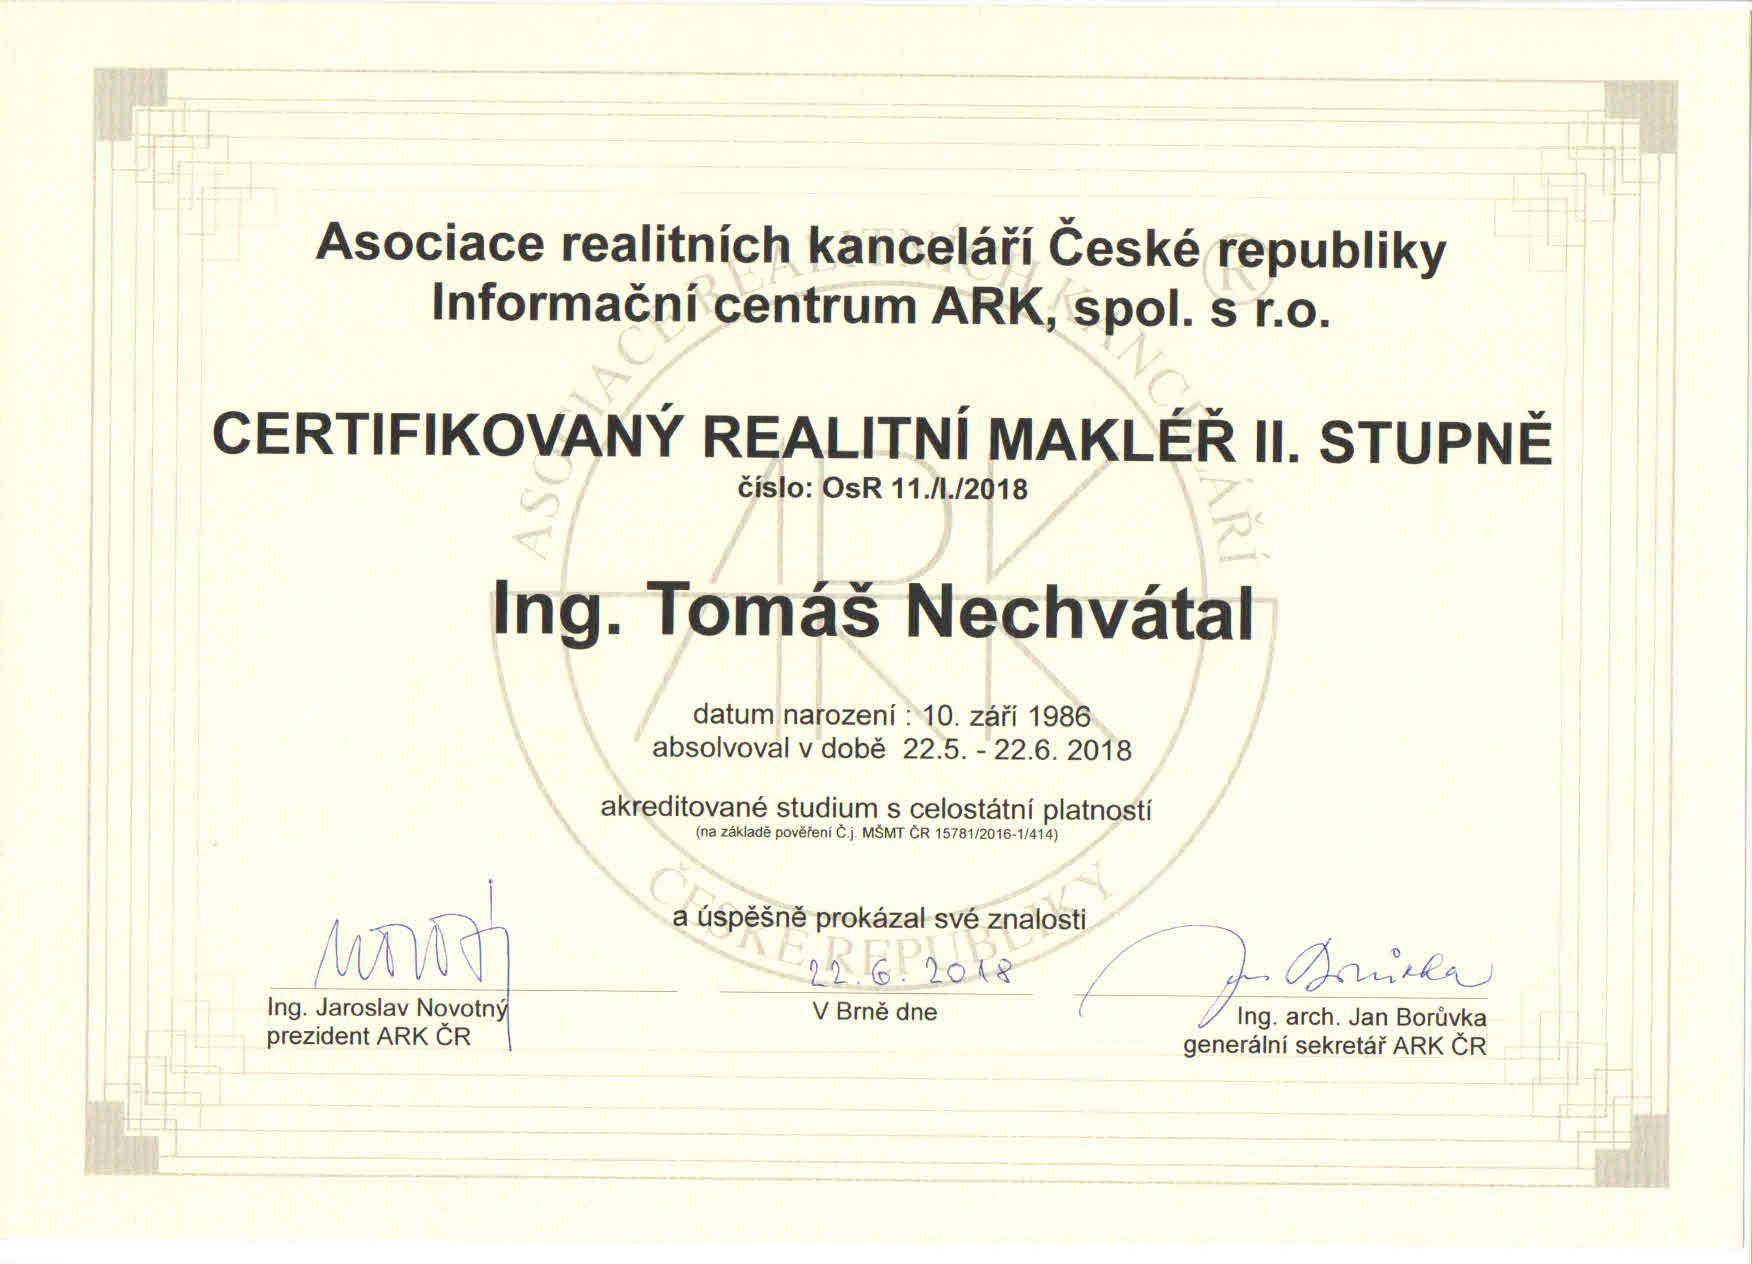 certifikovany_realitni_makler_v_brne_tomas_nechvatal